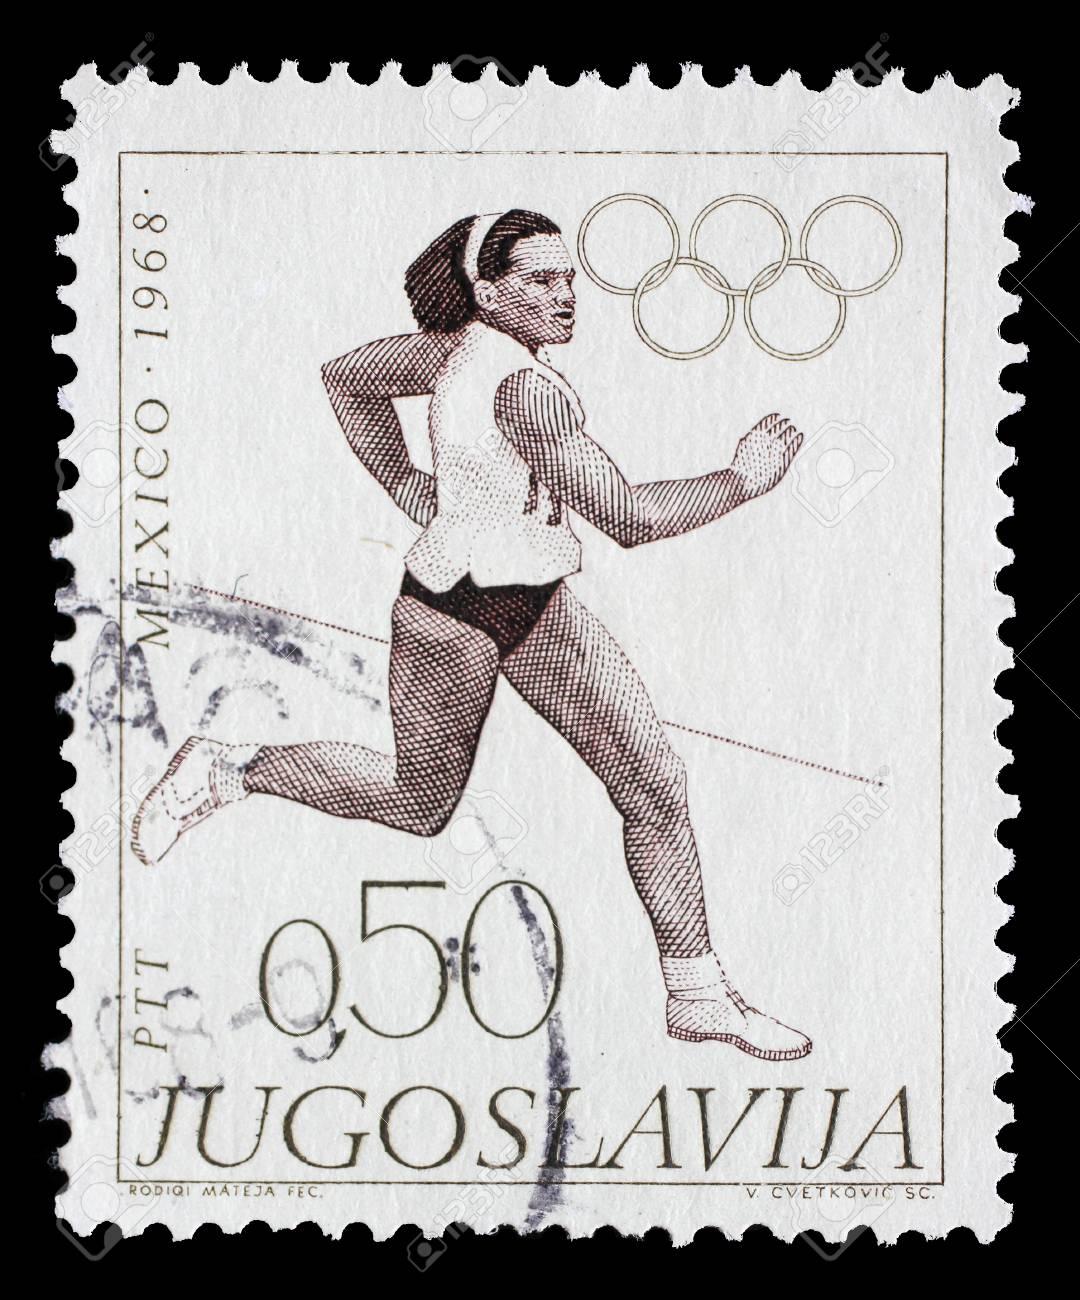 ユーゴスラビアで印刷スタンプを...